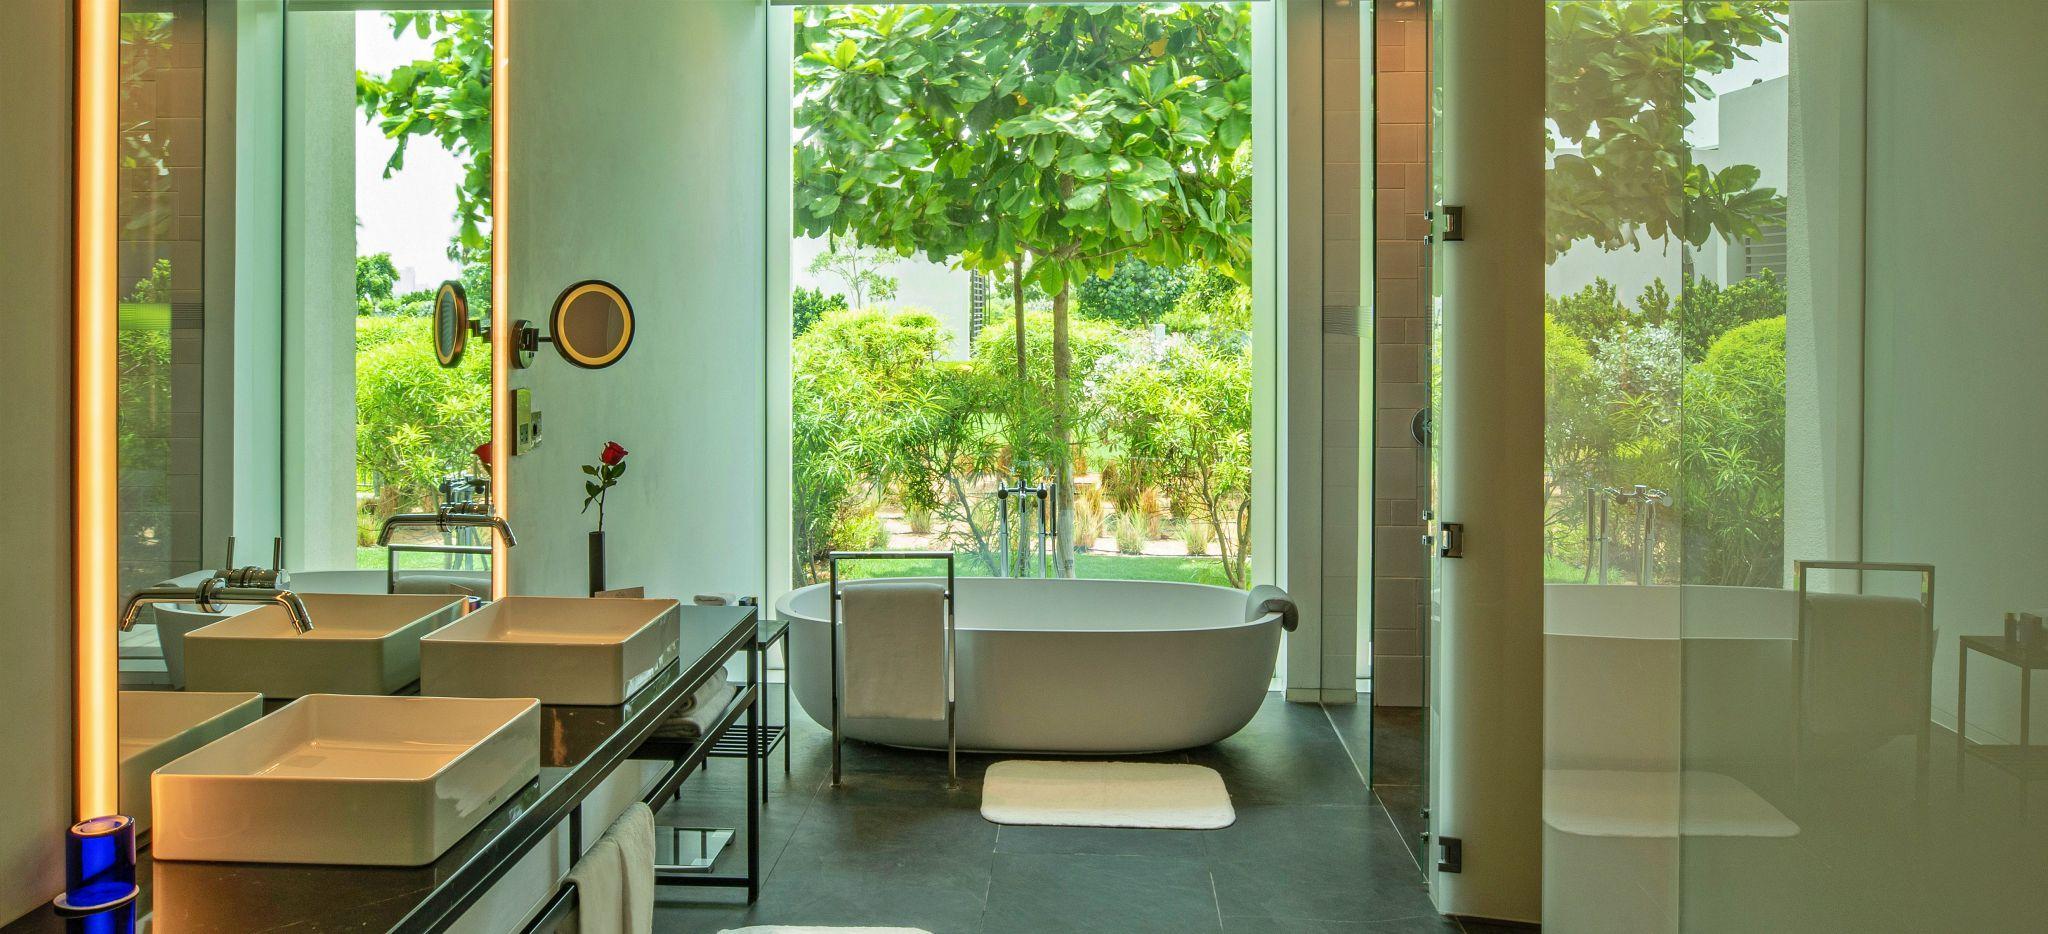 Ein Badezimmer mit Badewanne und Glasfront mit Blick auf den Garten